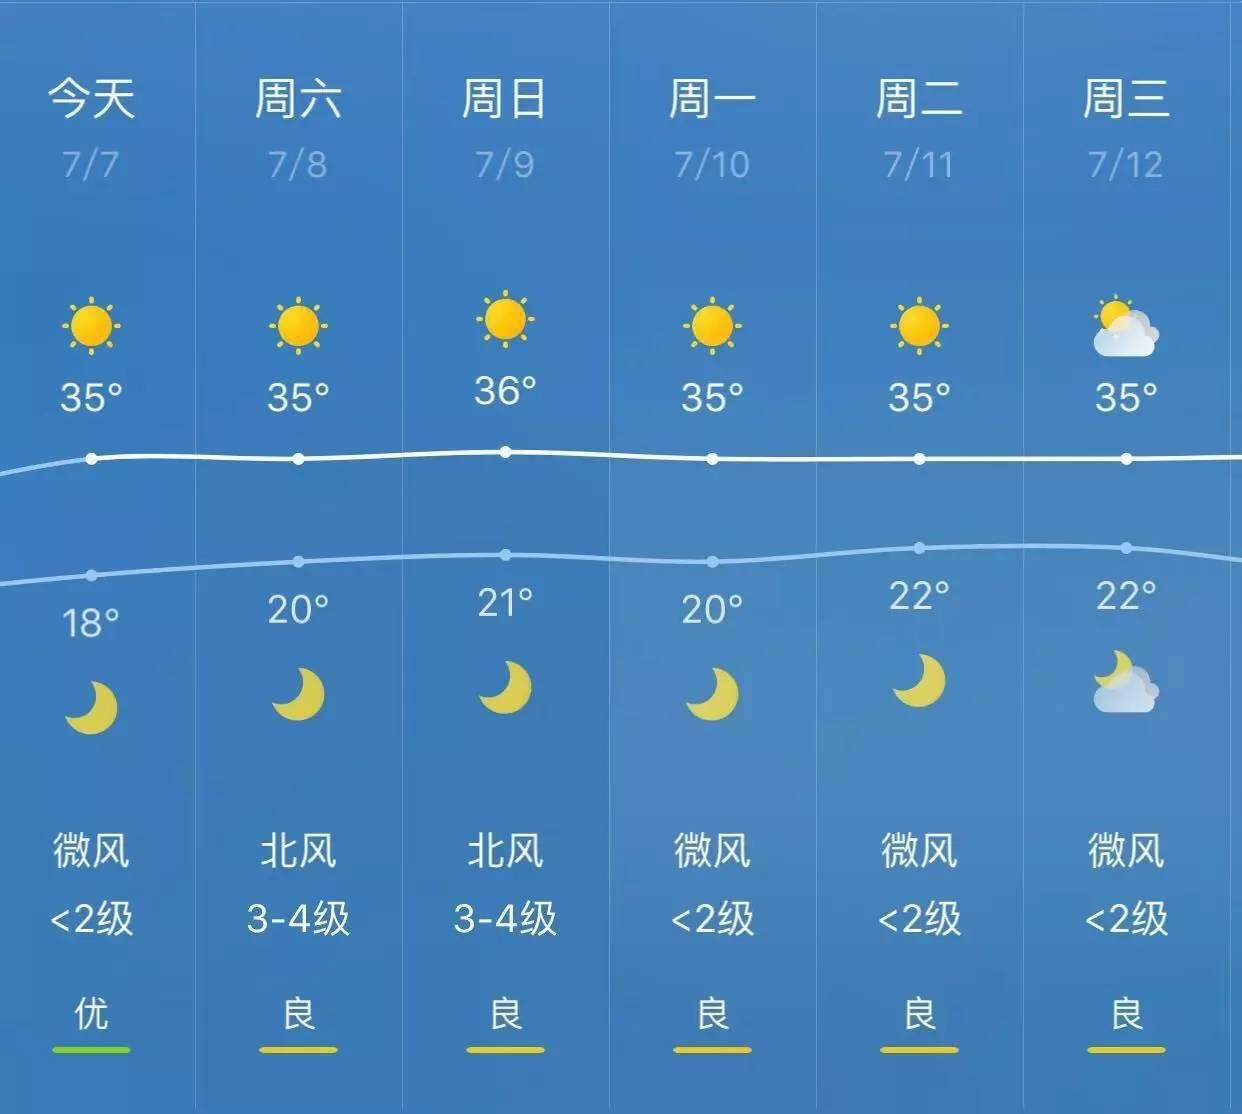 天预报_看看未来几天的天气预报,你要挺住!